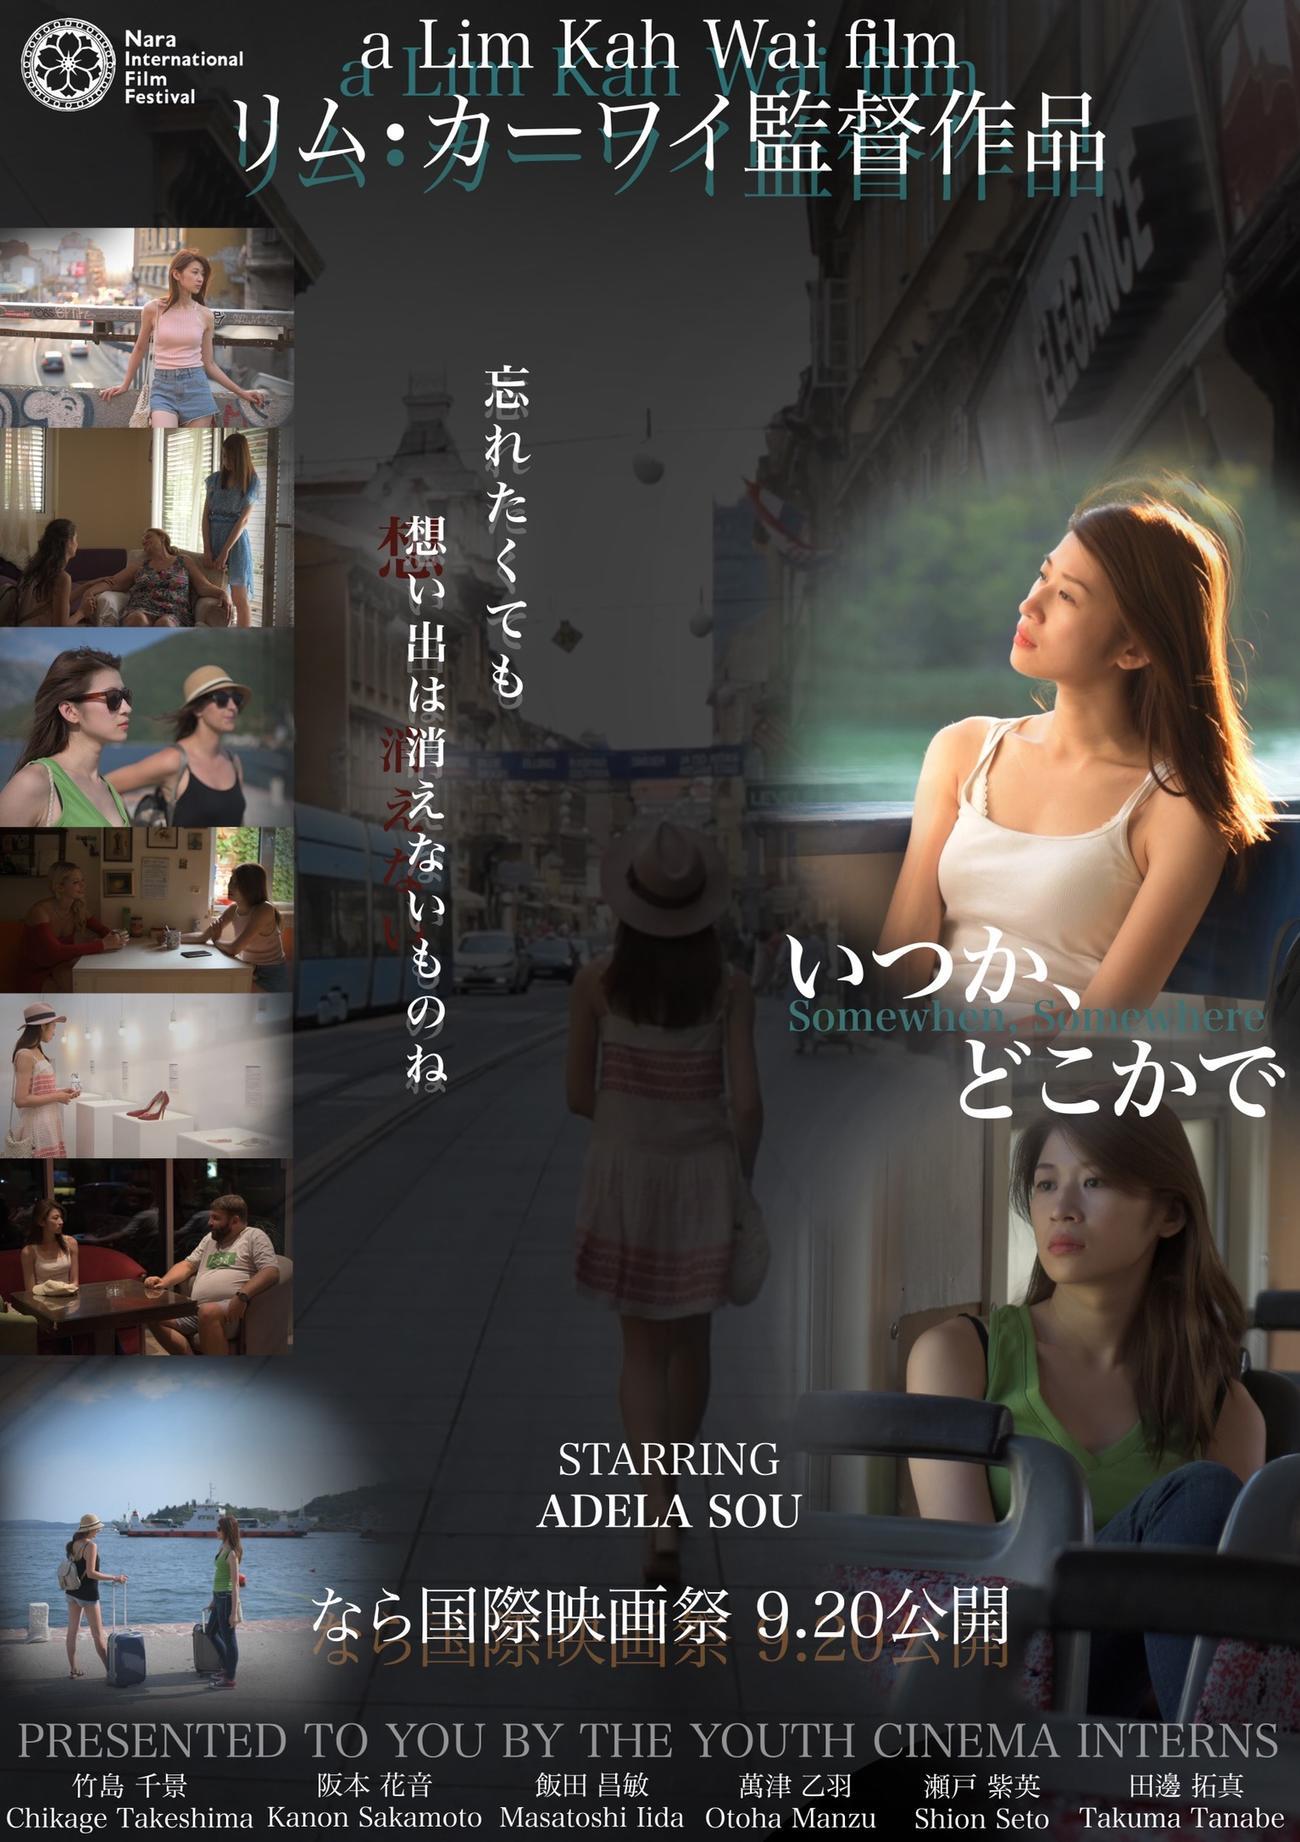 「なら国際映画祭 for Youth 2021」で20日に上映される、ユースシネマインターンが制作した映画「いつか、どこかで」のポスター